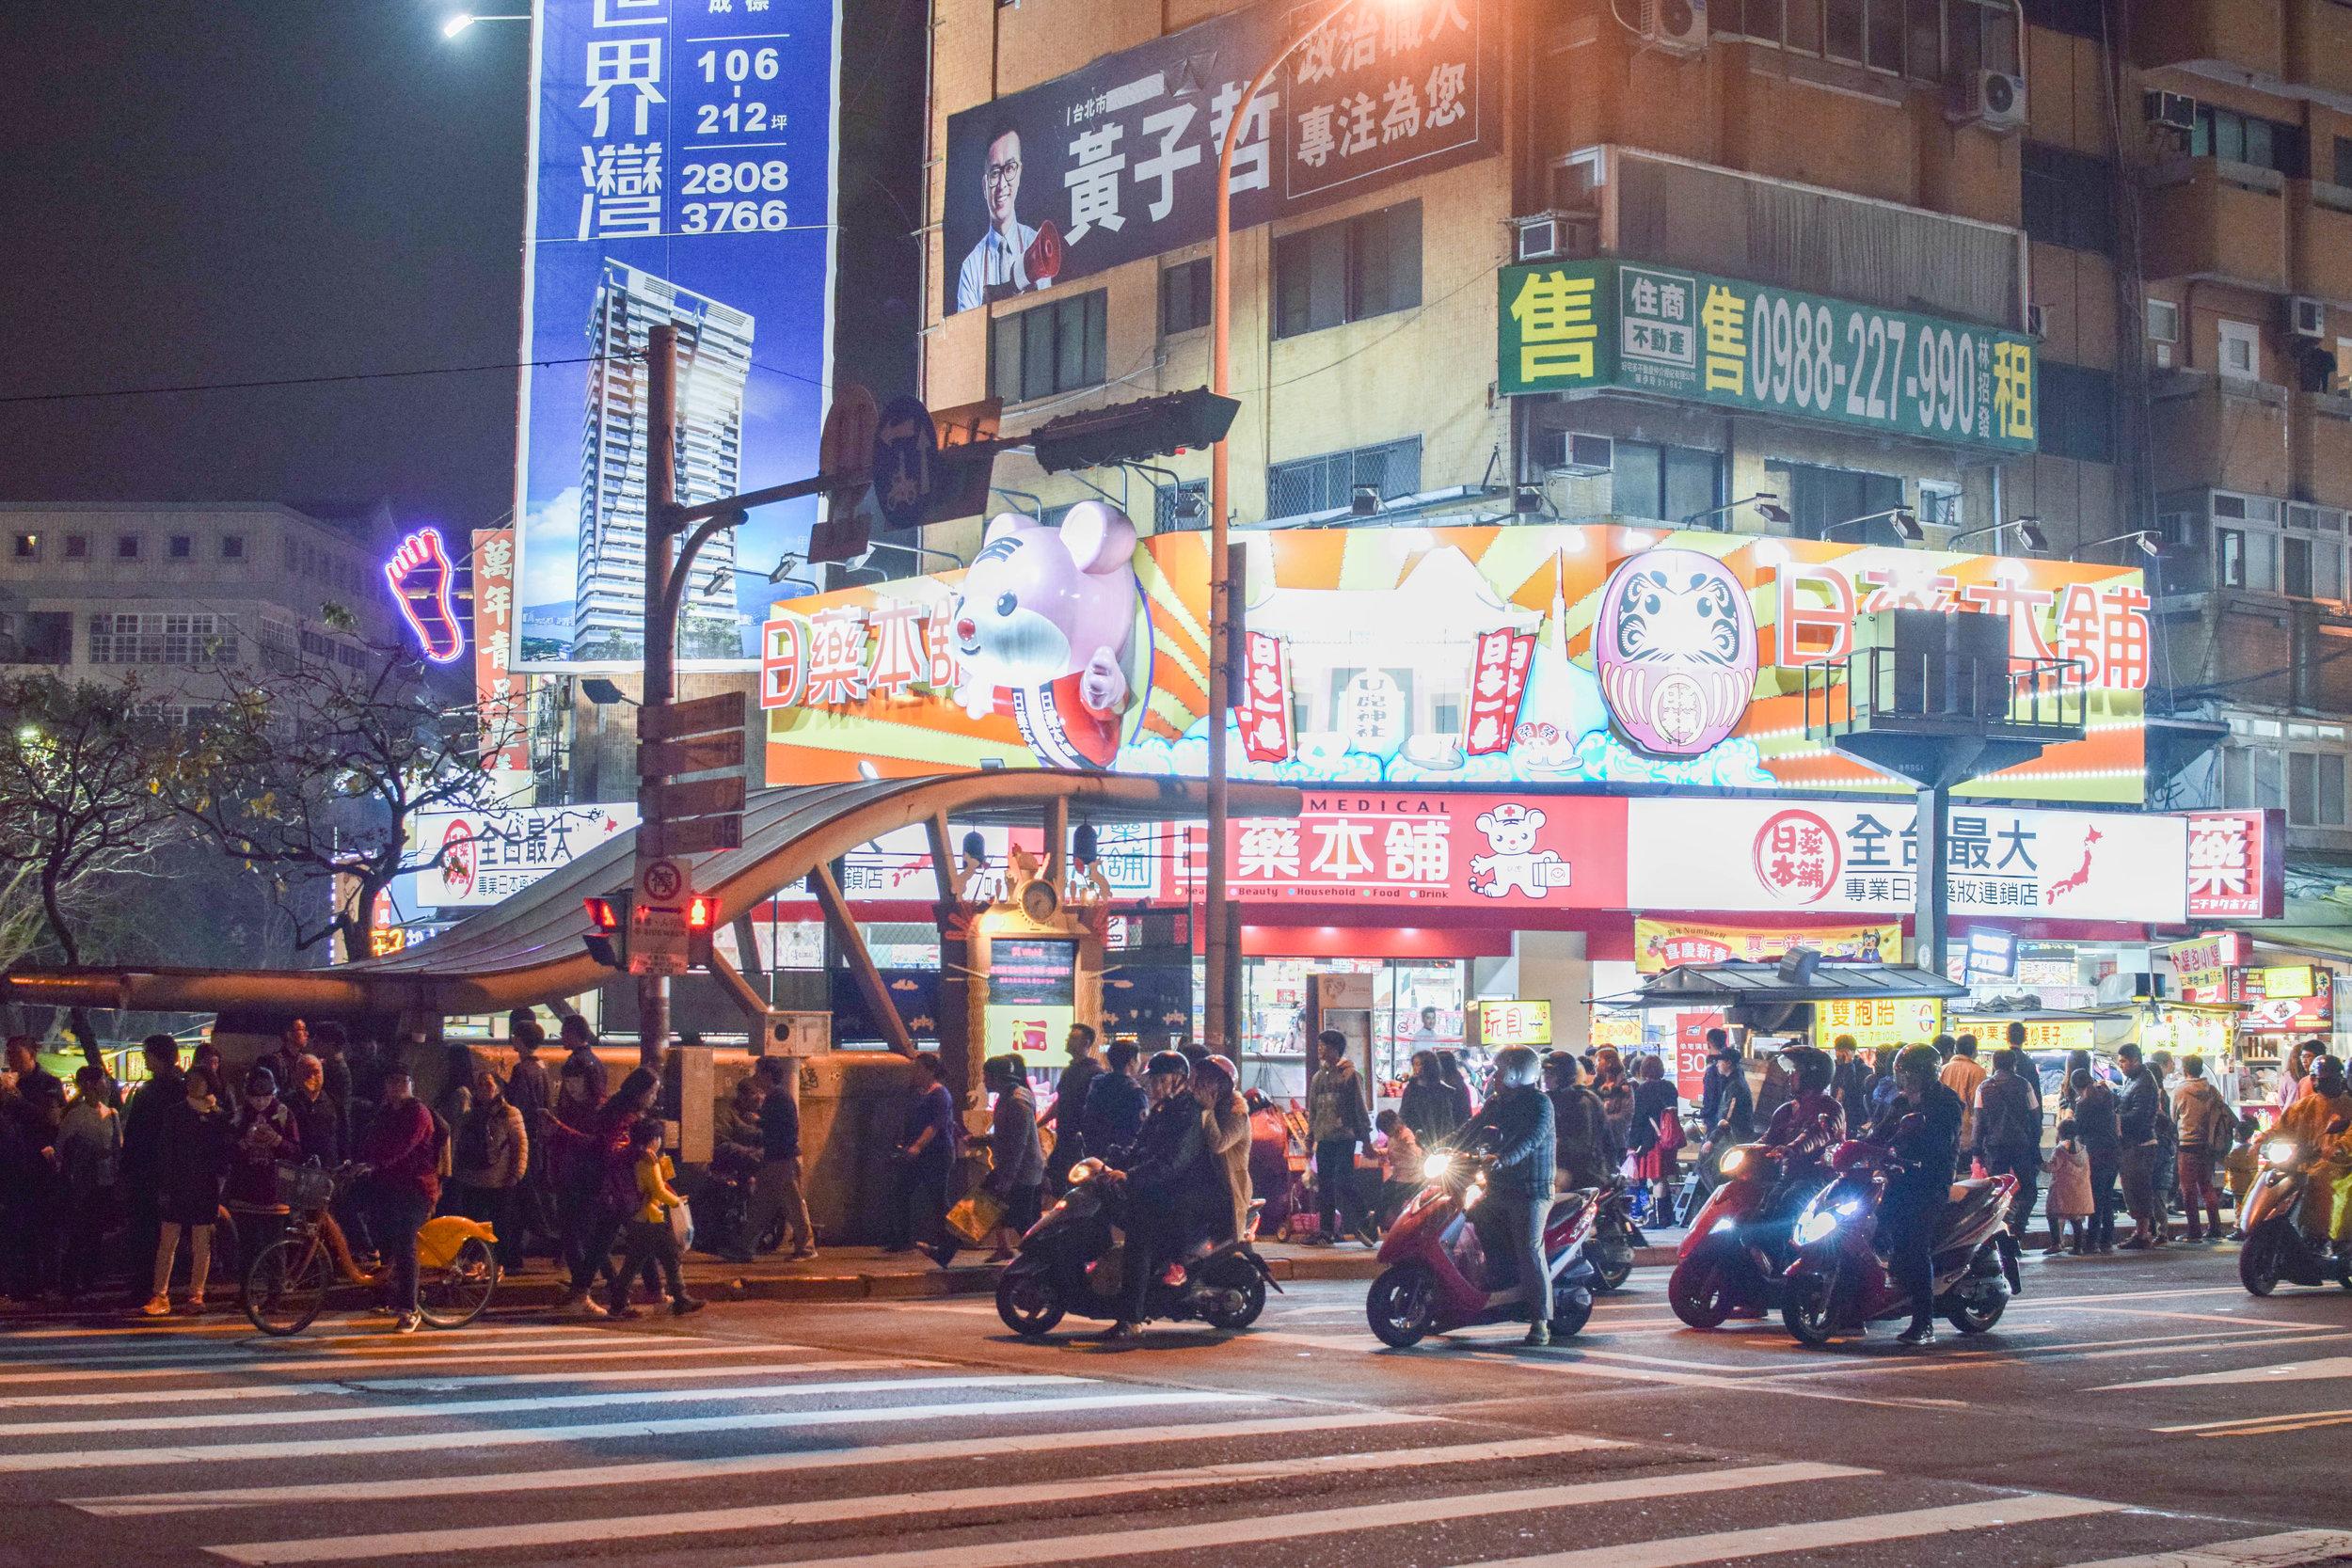 Shilin Night Market from afar.